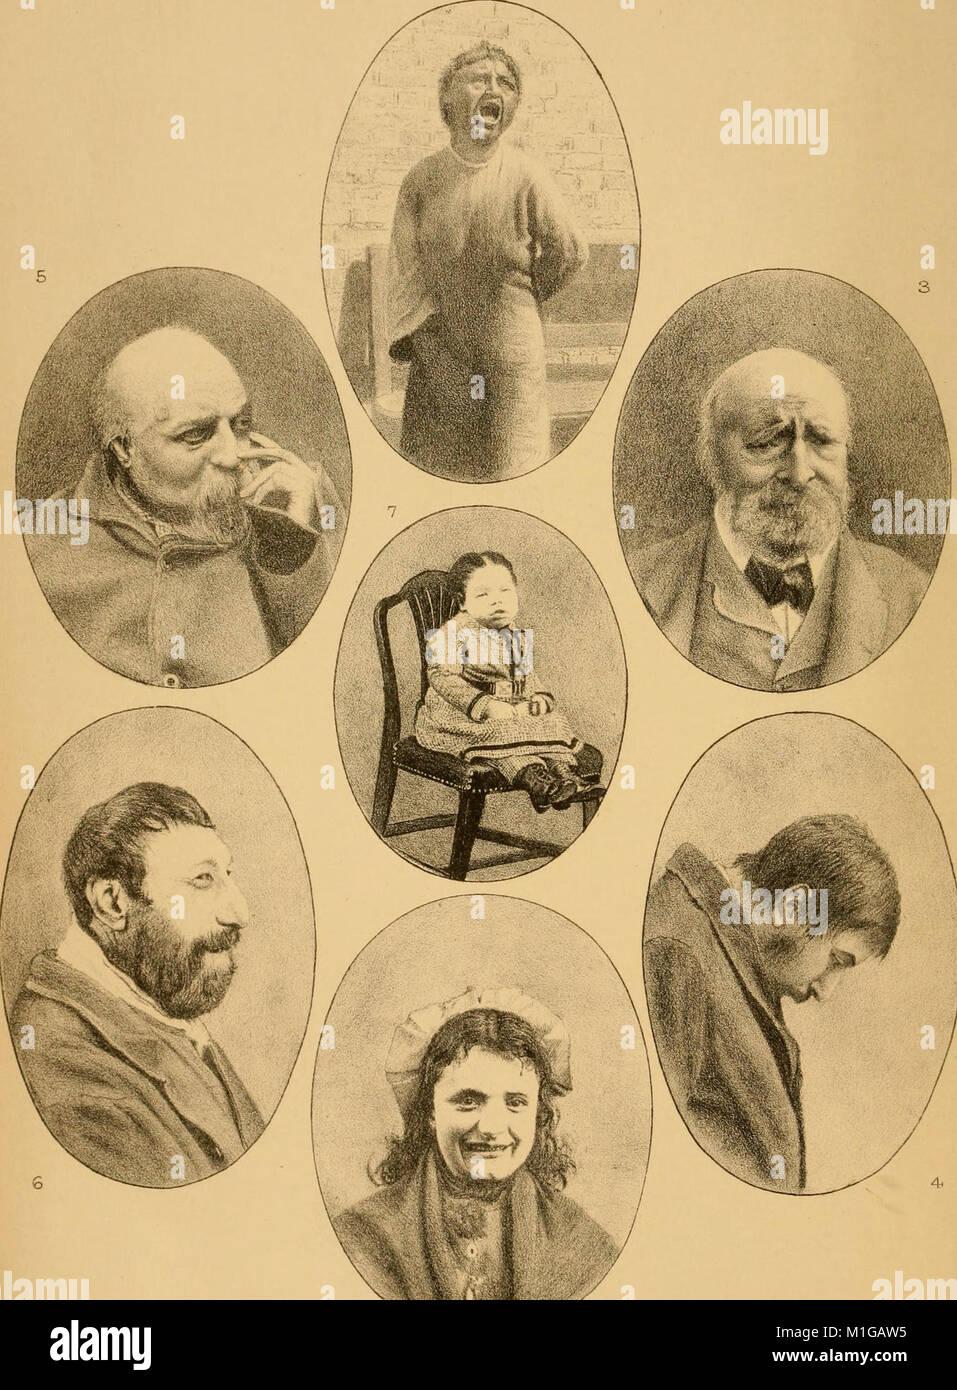 Ein Wörterbuch der psychologischen Medizin geben die Definition, Etymologie und Synonyme der Begriffe in der Stockbild